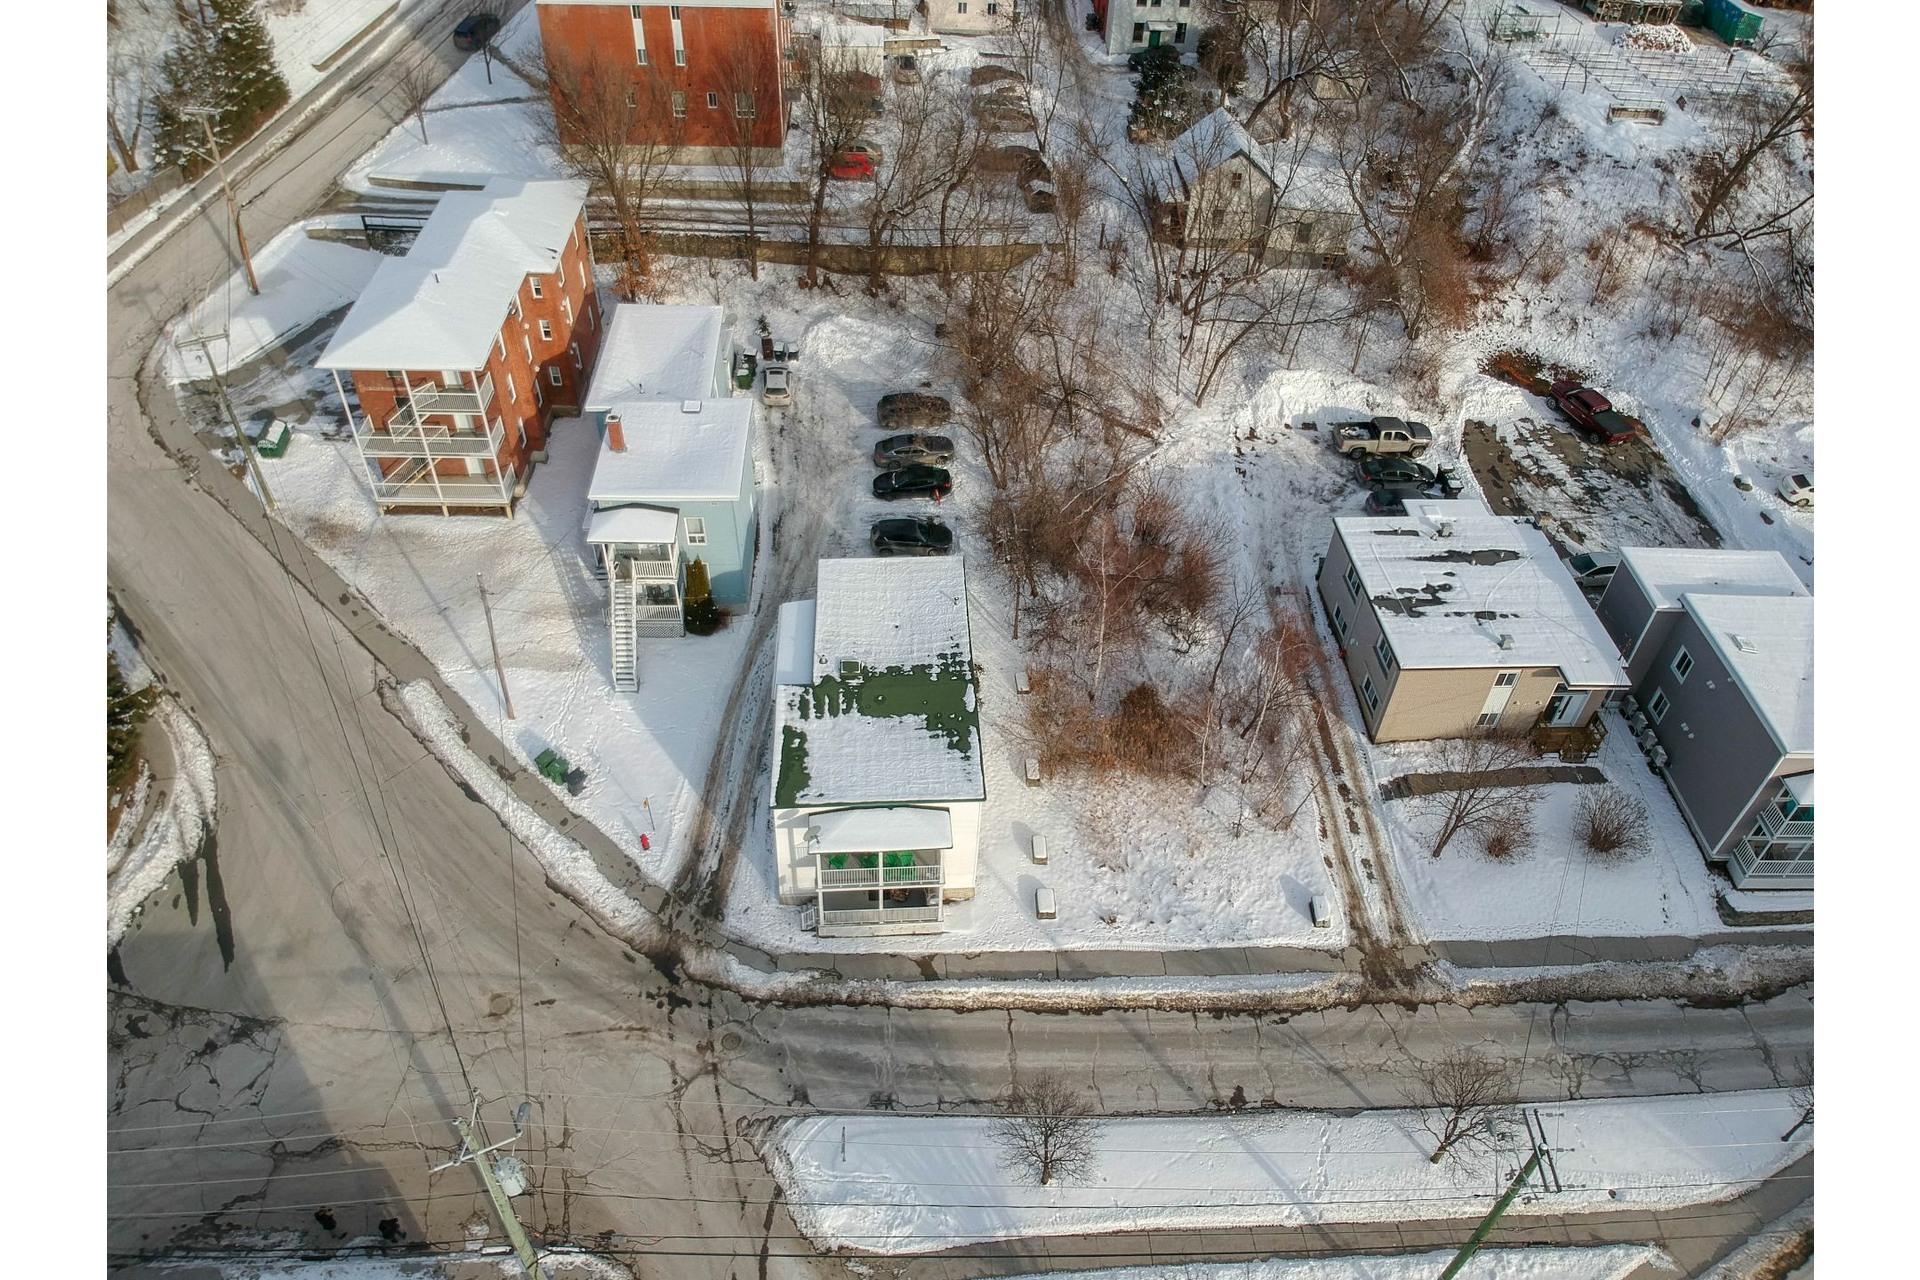 image 27 - Duplex À vendre Fleurimont Sherbrooke  - 4 pièces